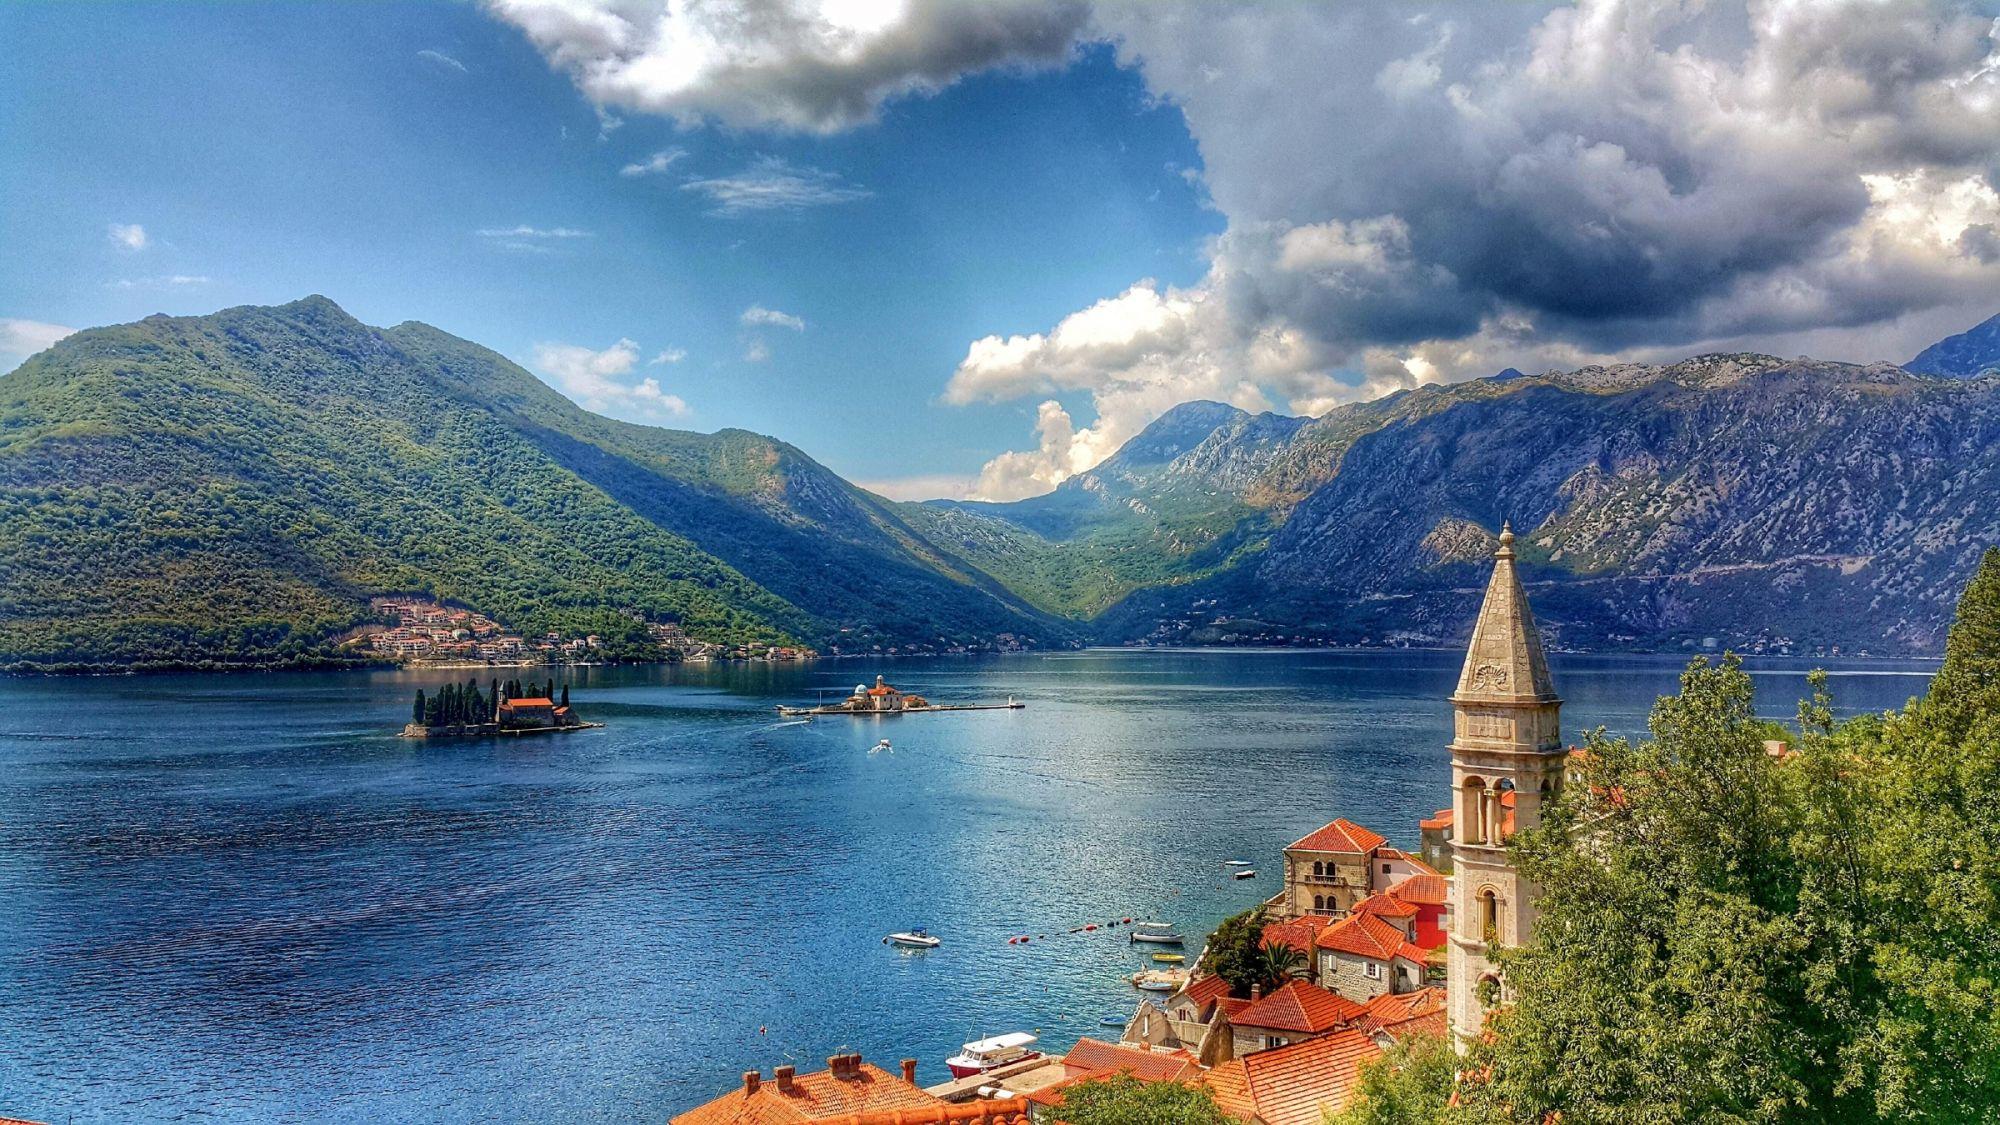 In macchina nei Balcani: i percorsi da non perdere - Lonely Planet